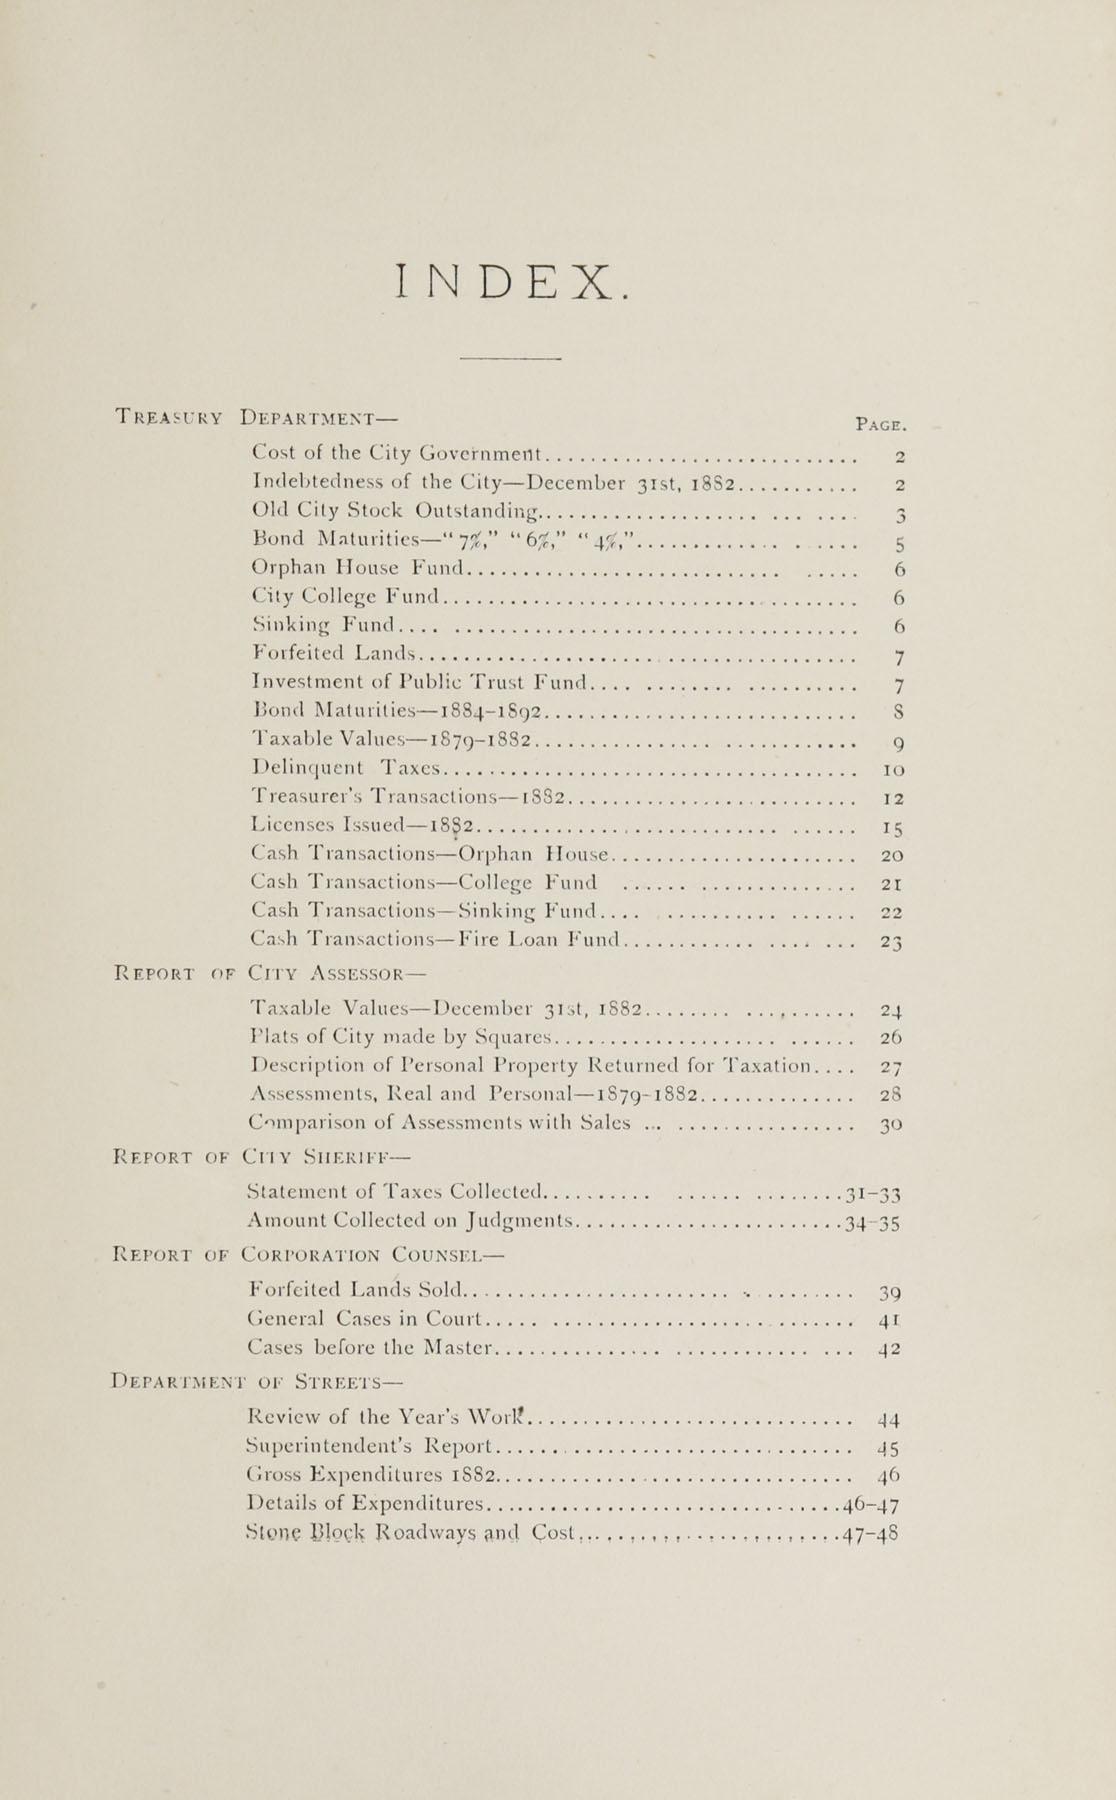 Charleston Yearbook, 1882, page ix